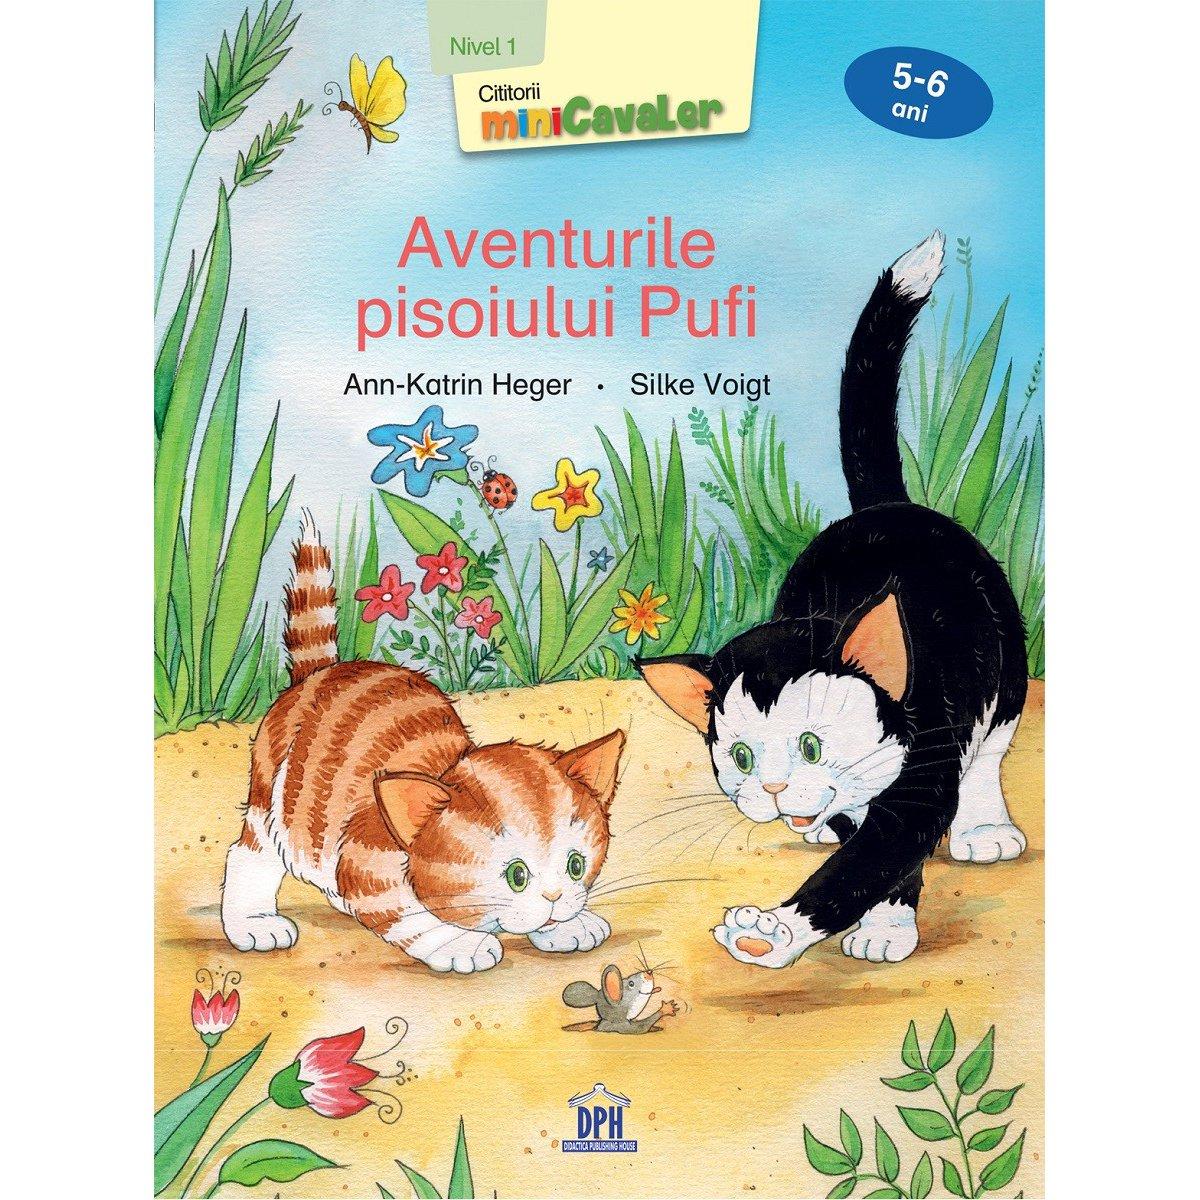 Carte Aventurile pisoiului Pufi, nivel 1, 5-6 ani, Editura DPH